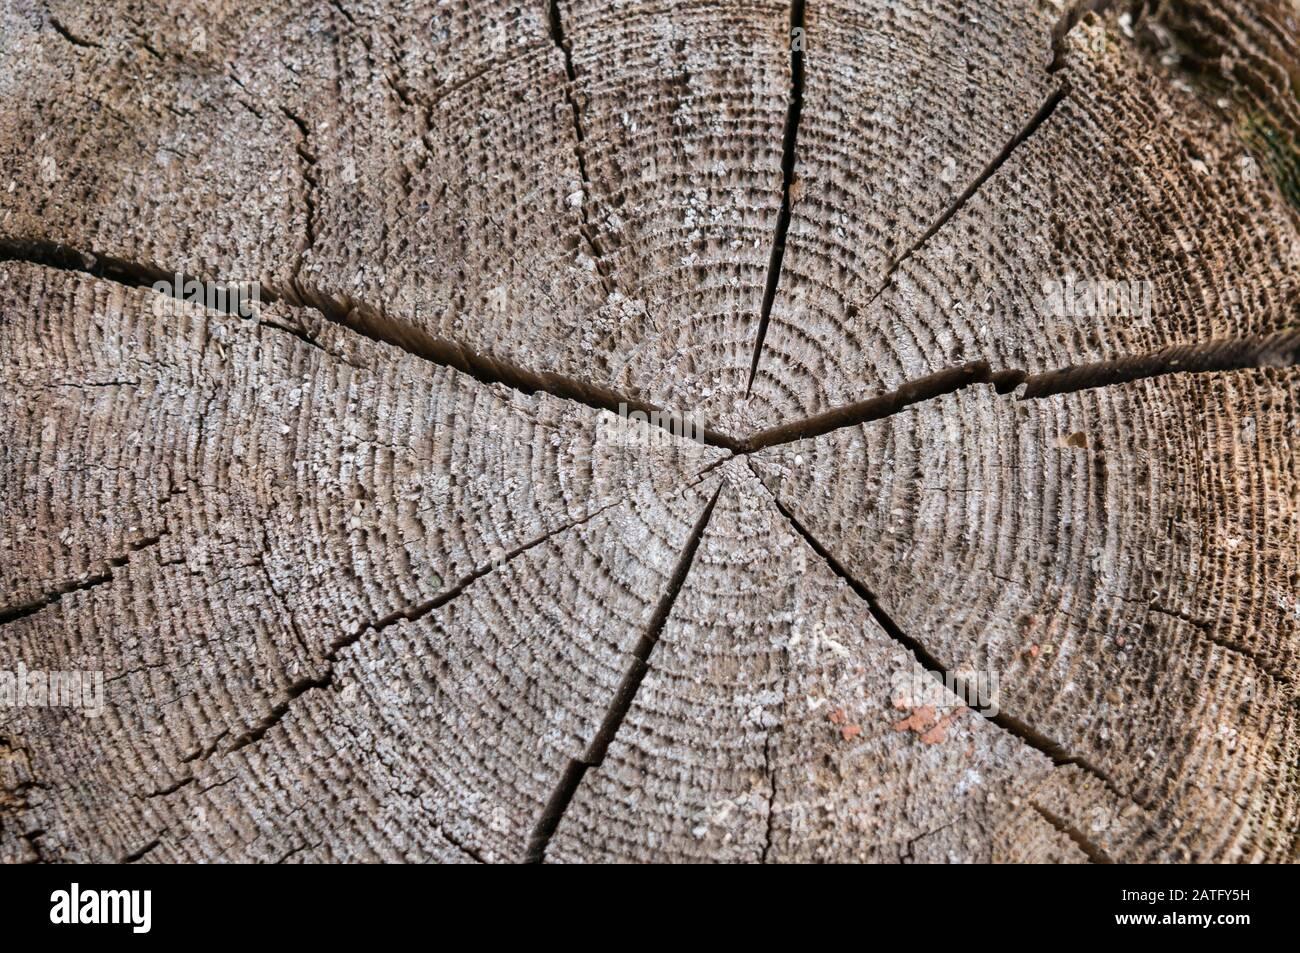 Una rebanada de un árbol antiguo con anillos anuales concéntricos y una grieta en el centro. La textura del árbol antiguo. Foto de stock